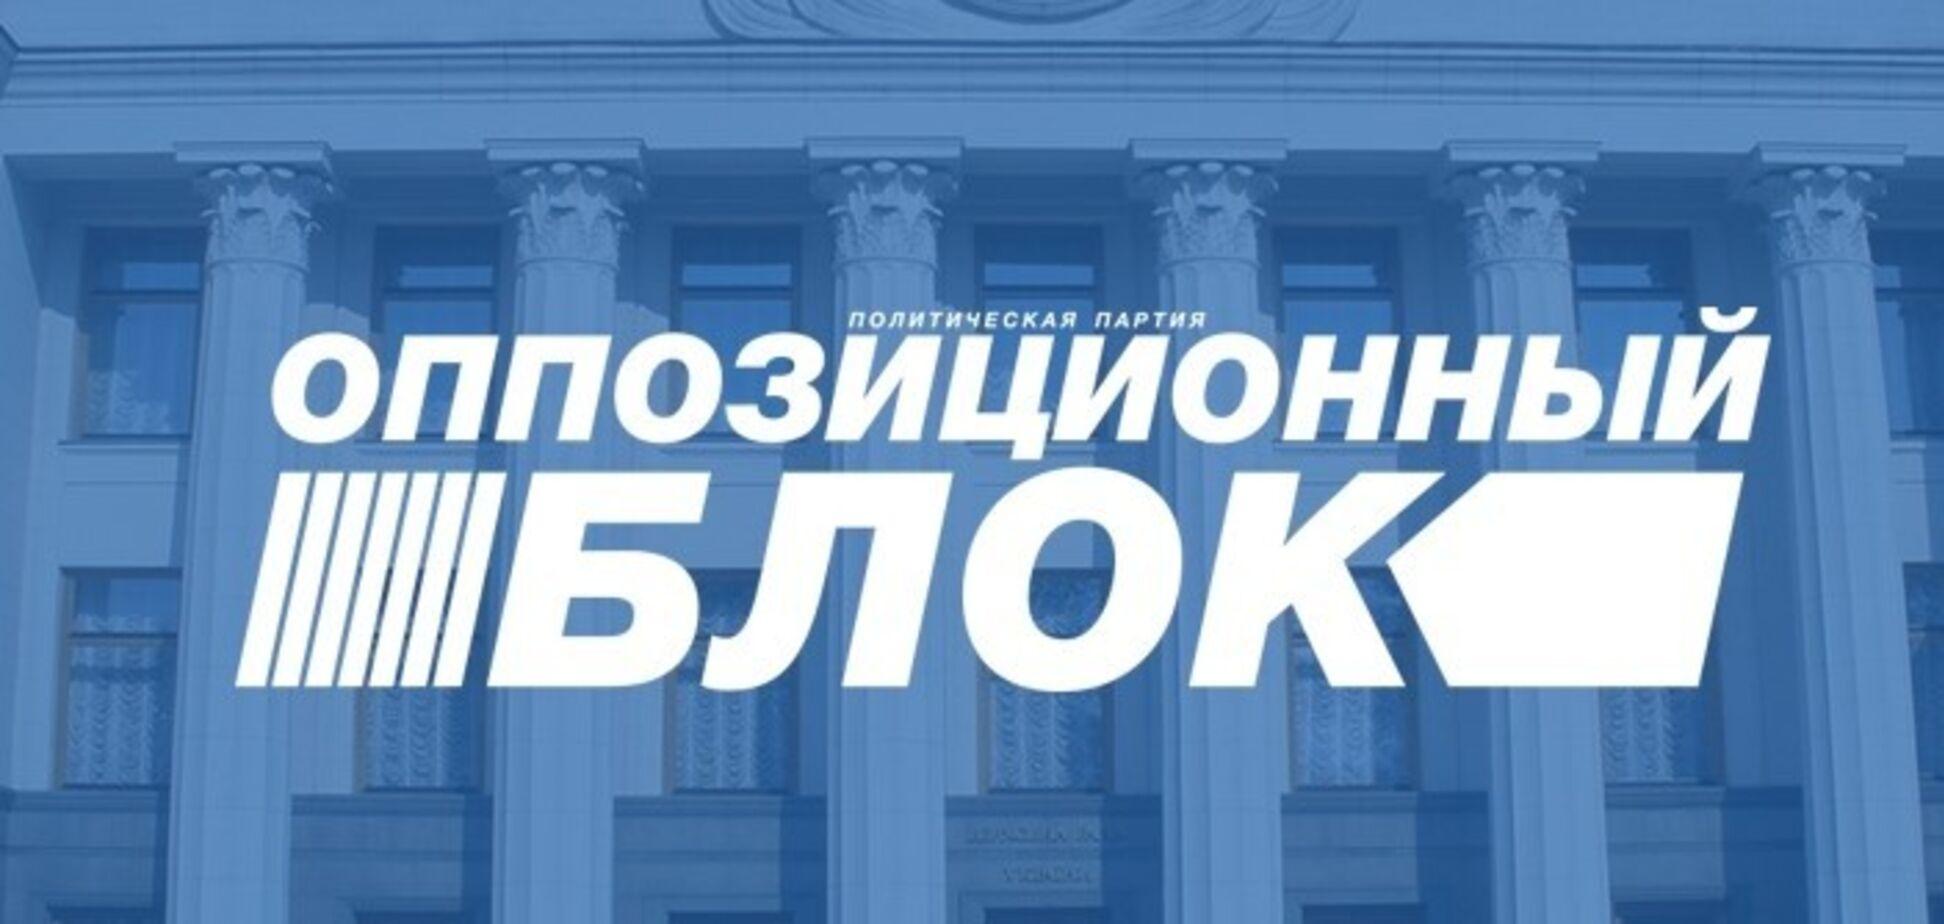 Місцеві організації ''Опозиційного блоку'' вимагають провести з'їзд